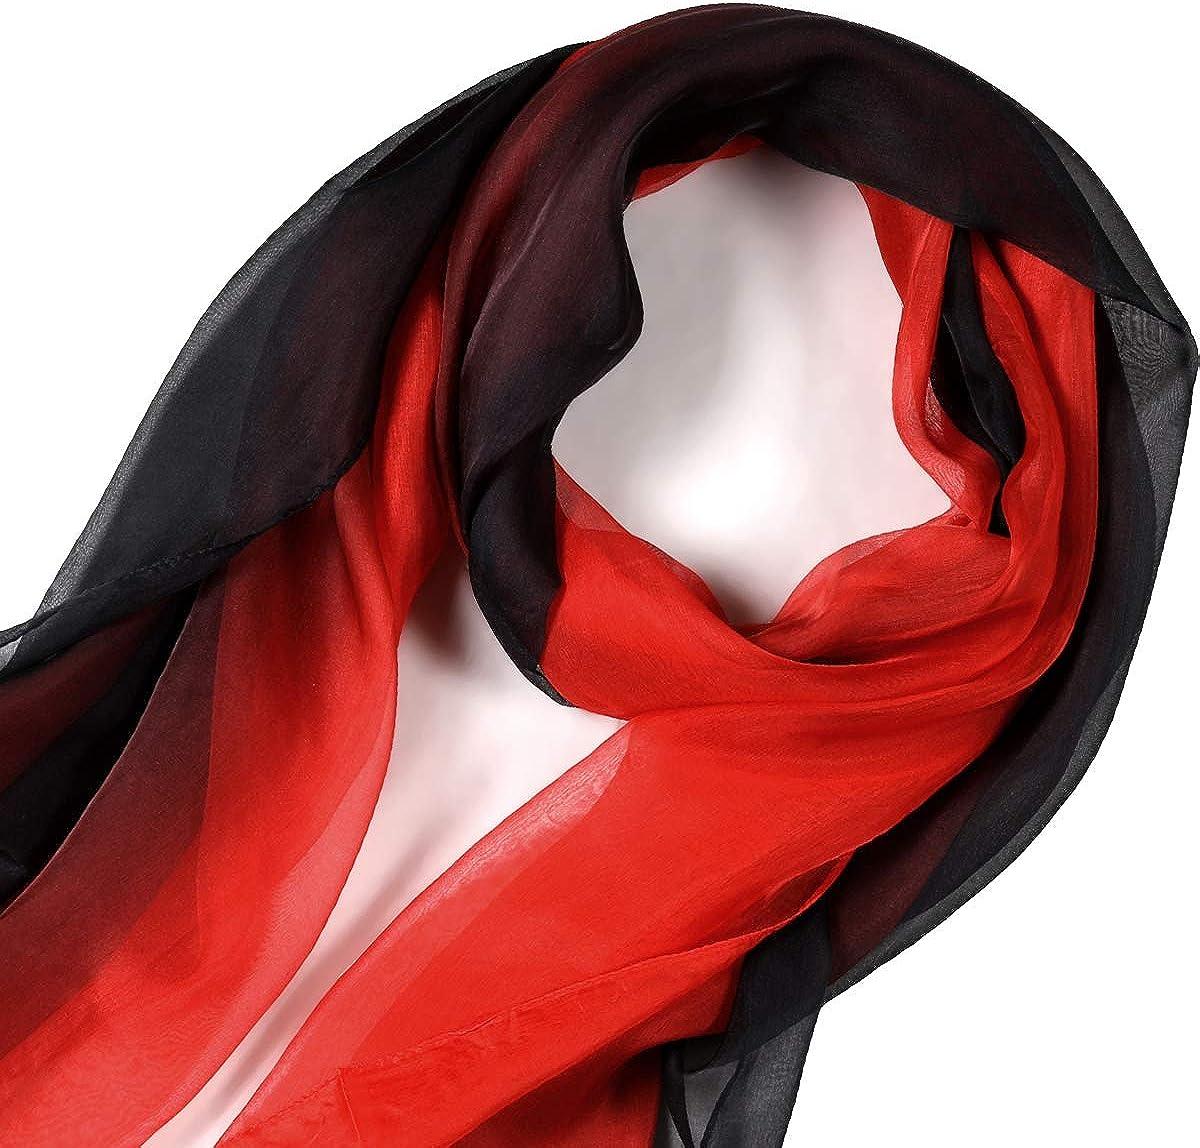 Sciarpa di Seta 100/% Seta Scialle Lungo e Leggero per Protezione Solare per Donne